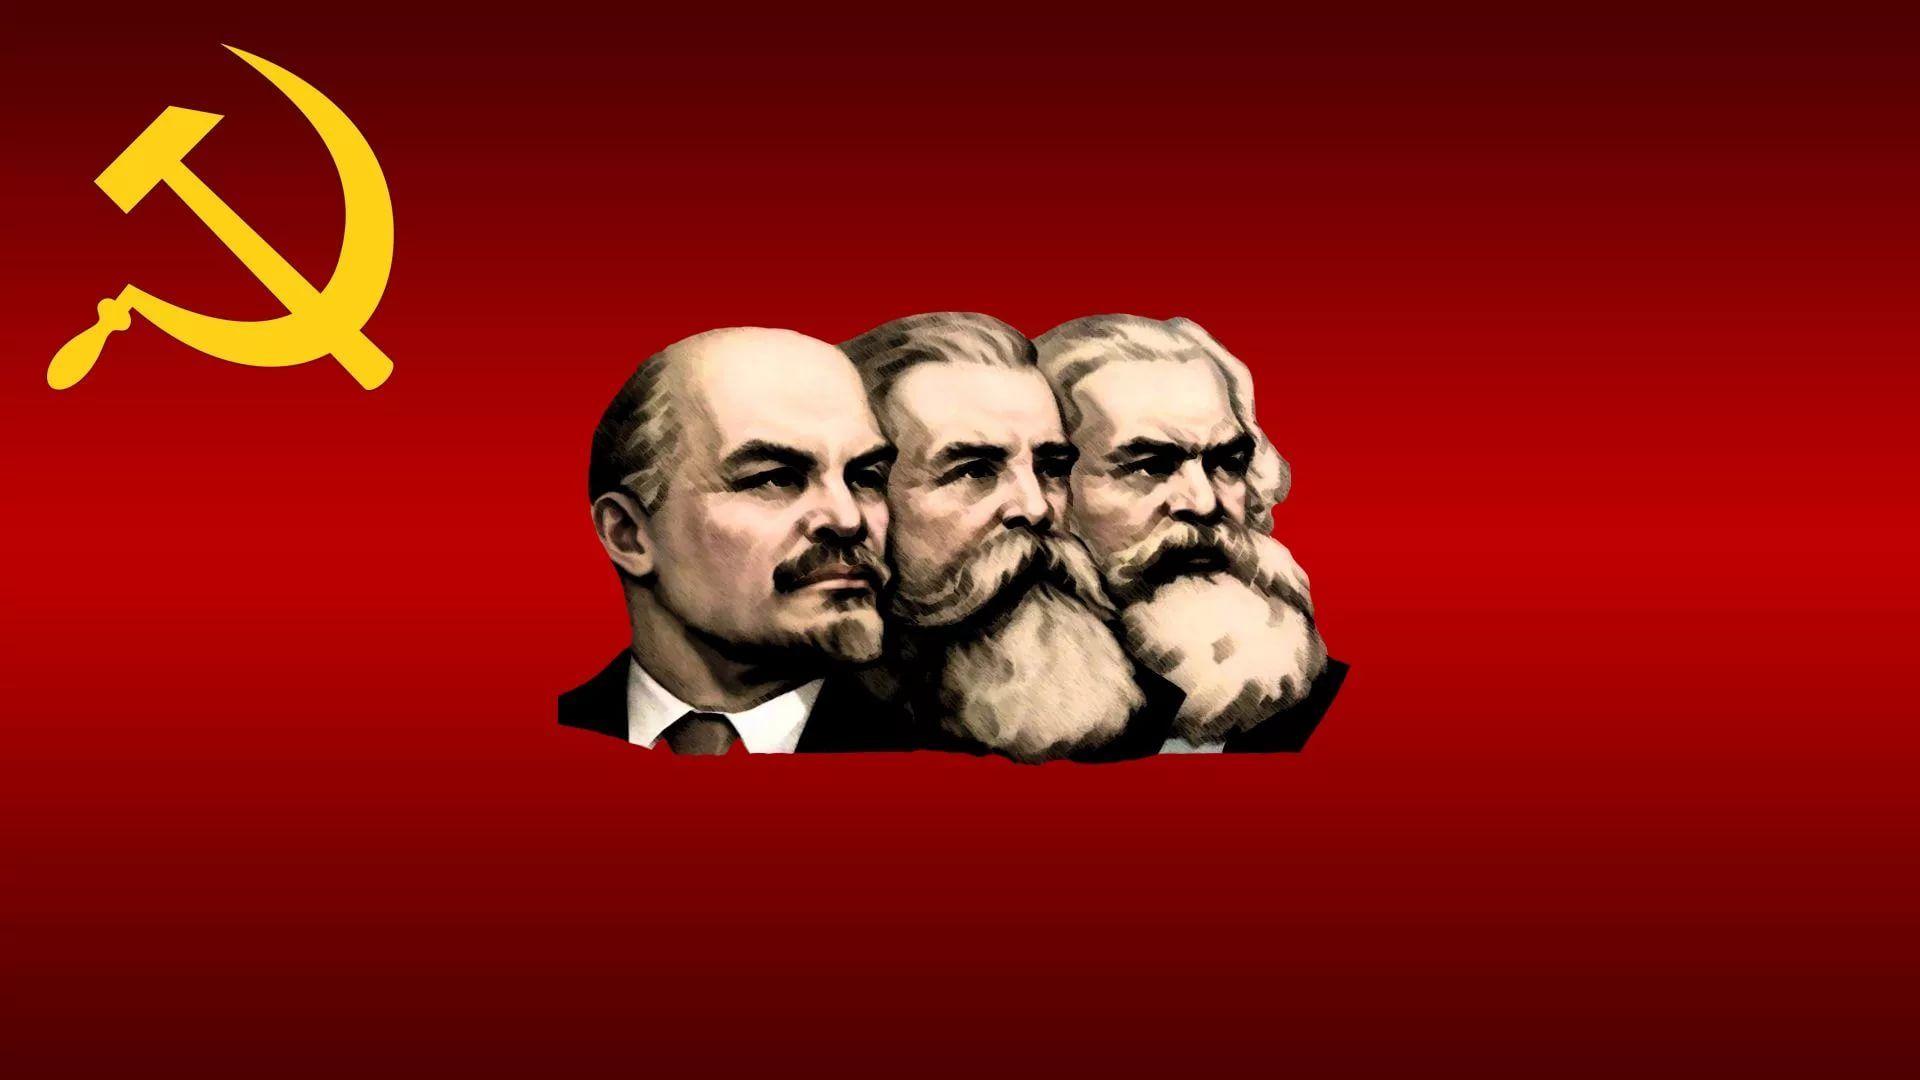 Communism screen wallpaper